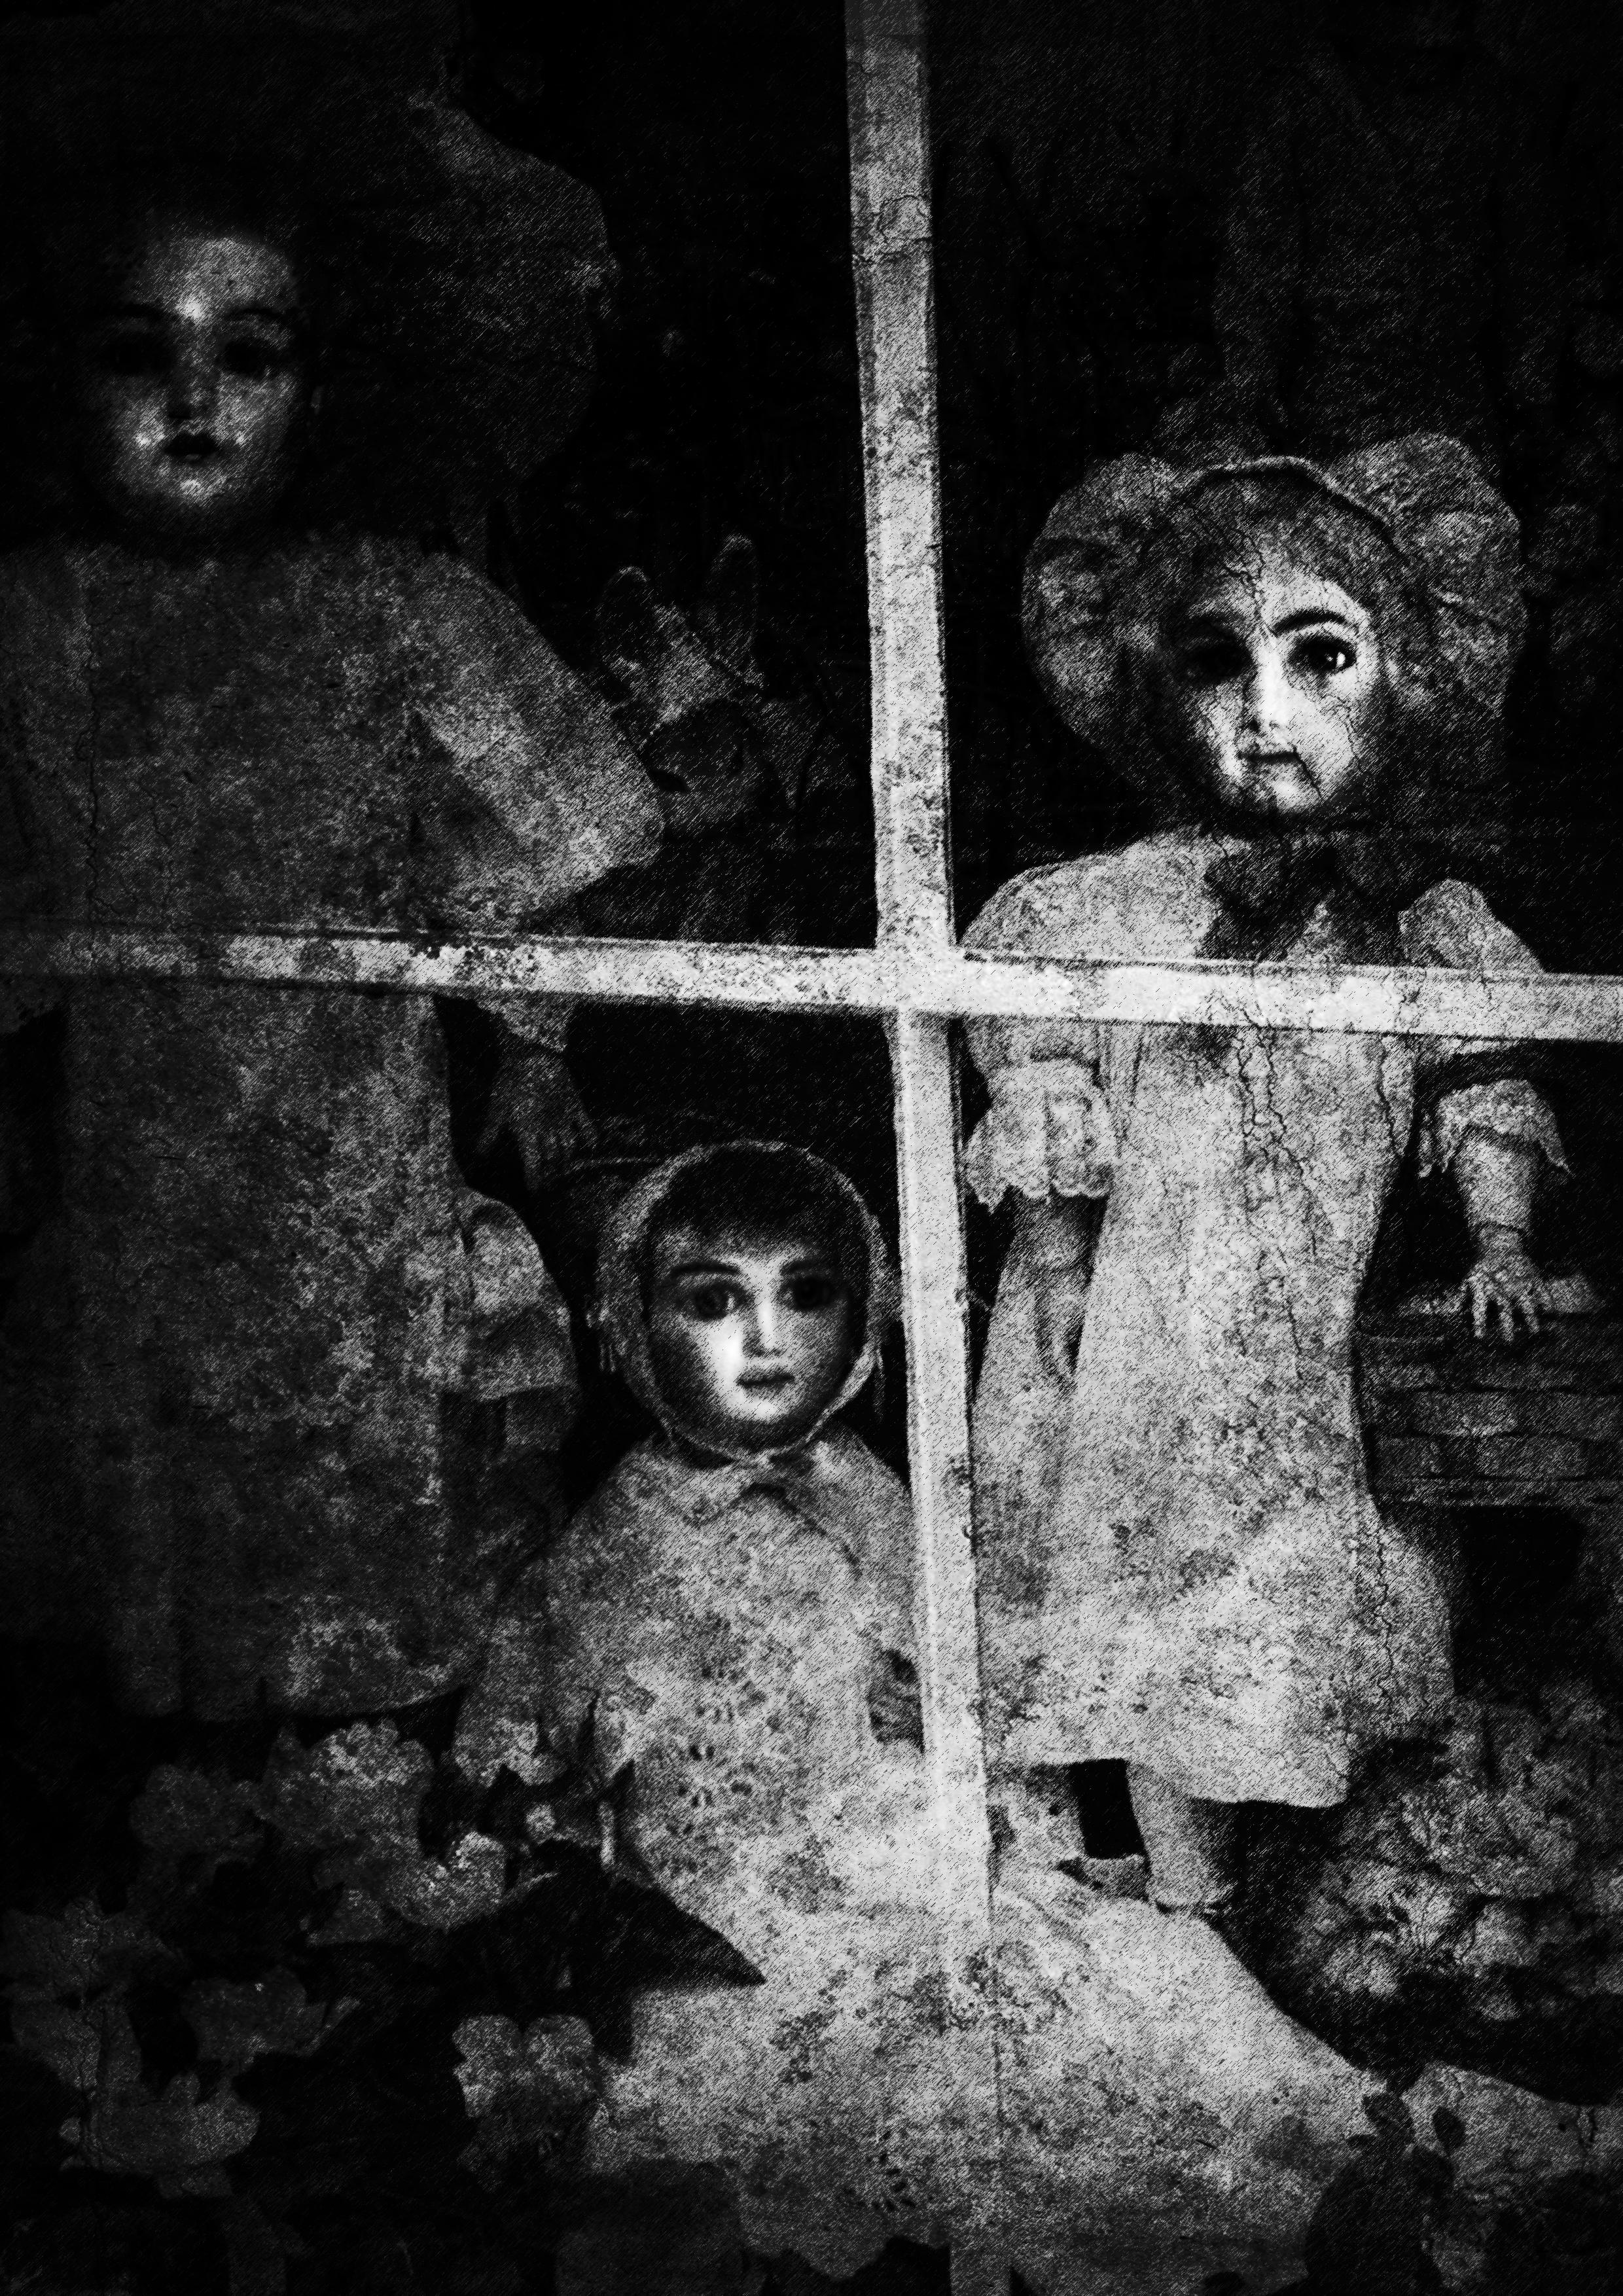 Las muñecas dibujo 1